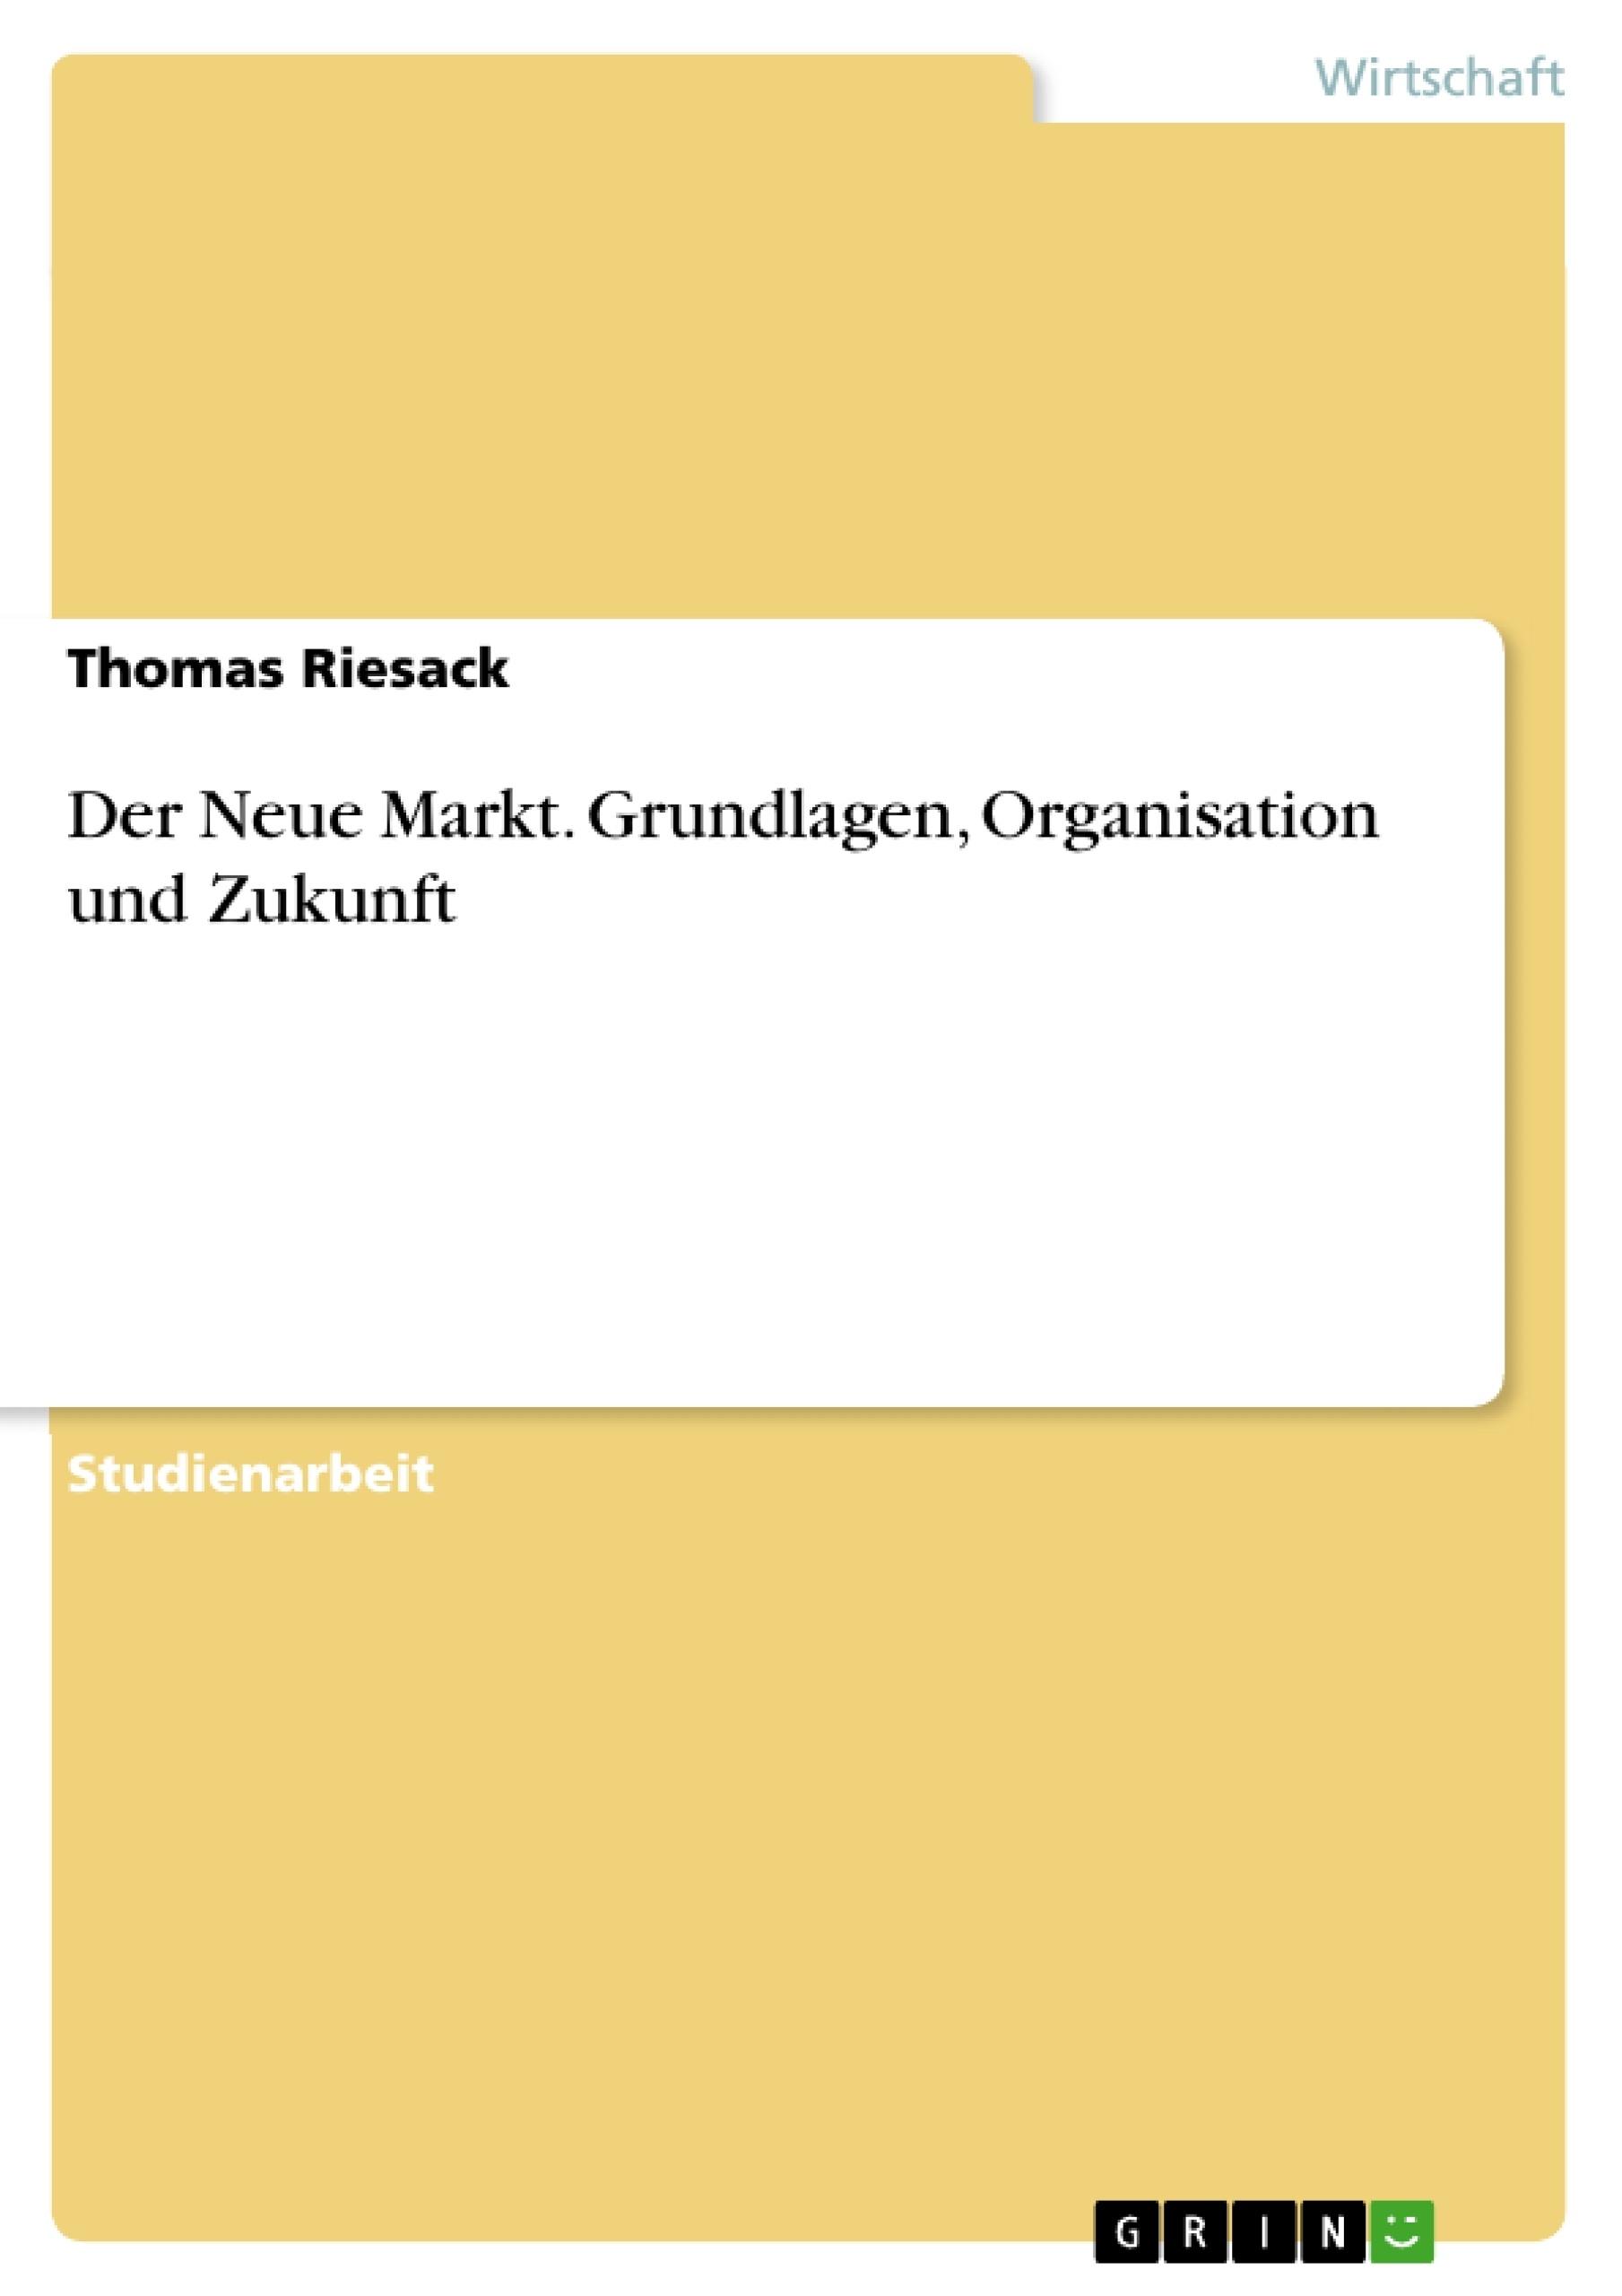 Titel: Der Neue Markt. Grundlagen, Organisation und Zukunft